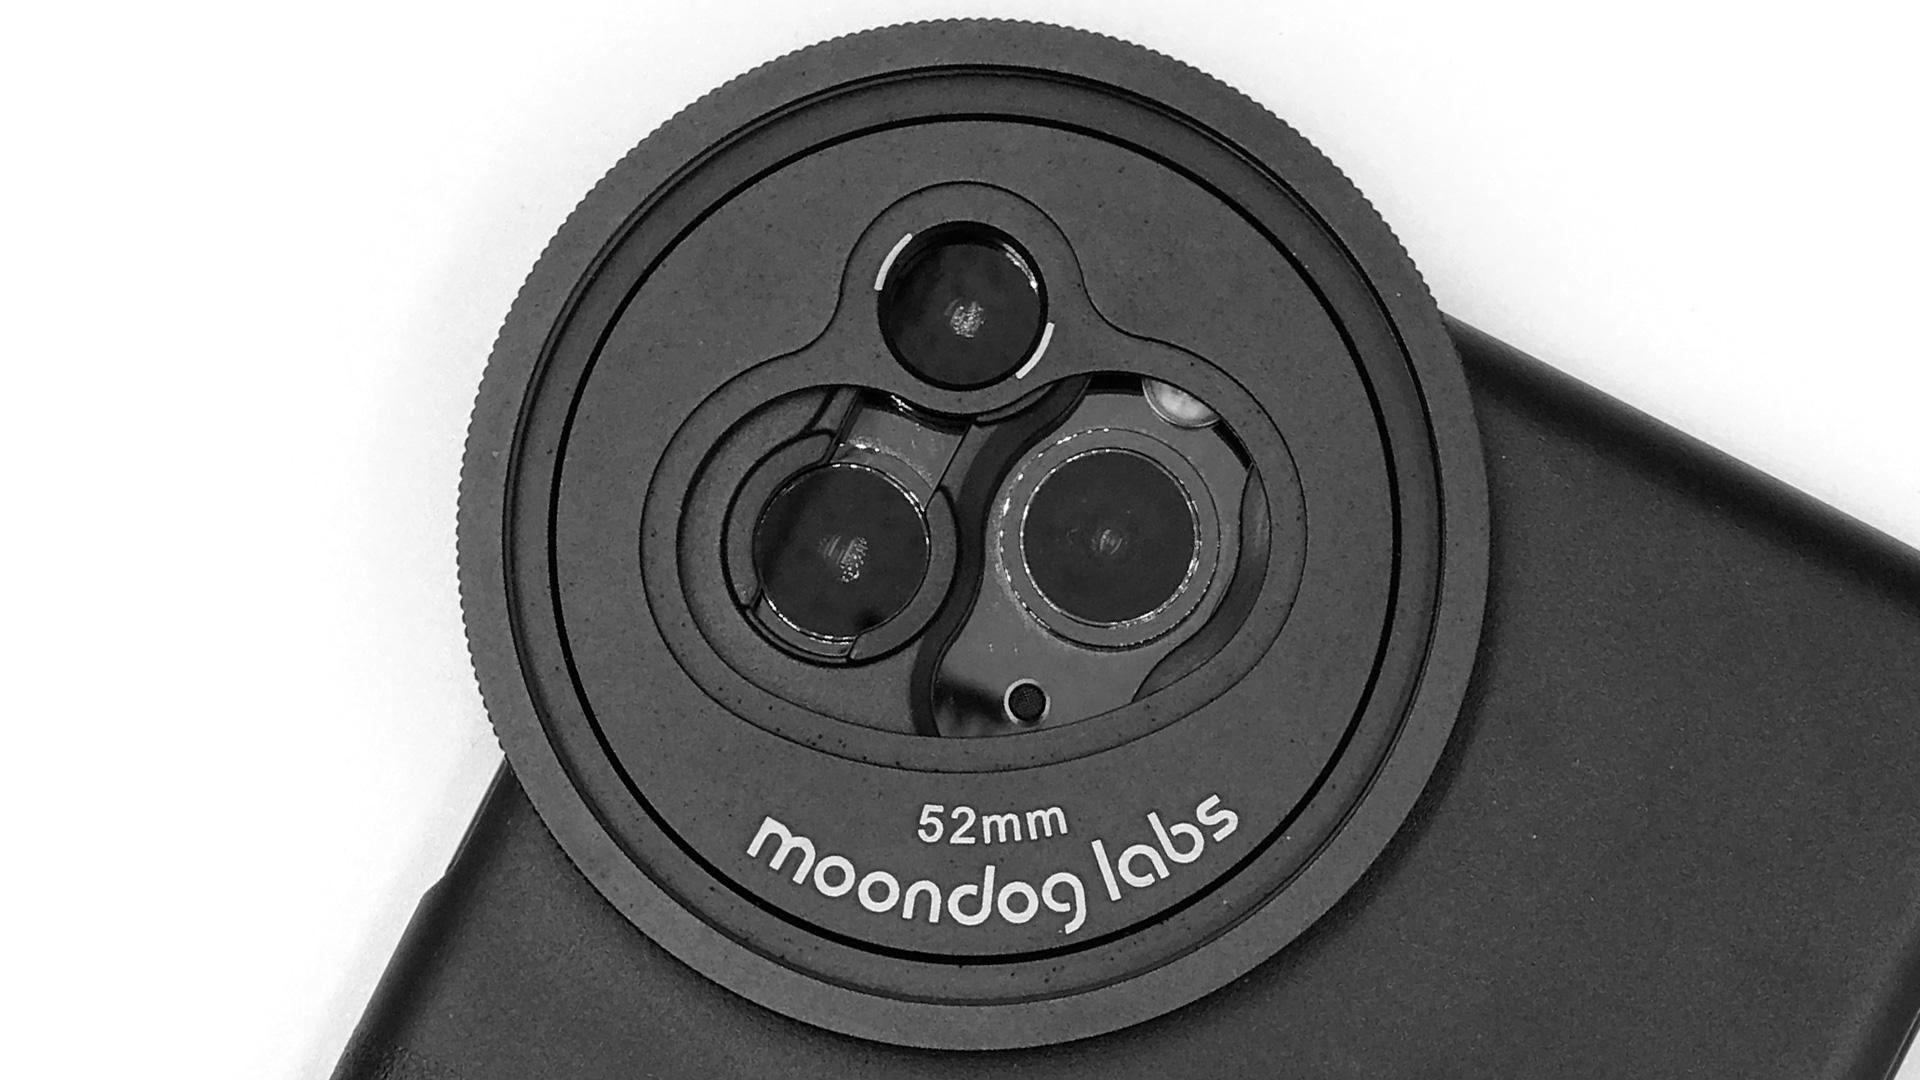 Moondog LabsがiPhone 11用レンズフィルターアダプターを発売